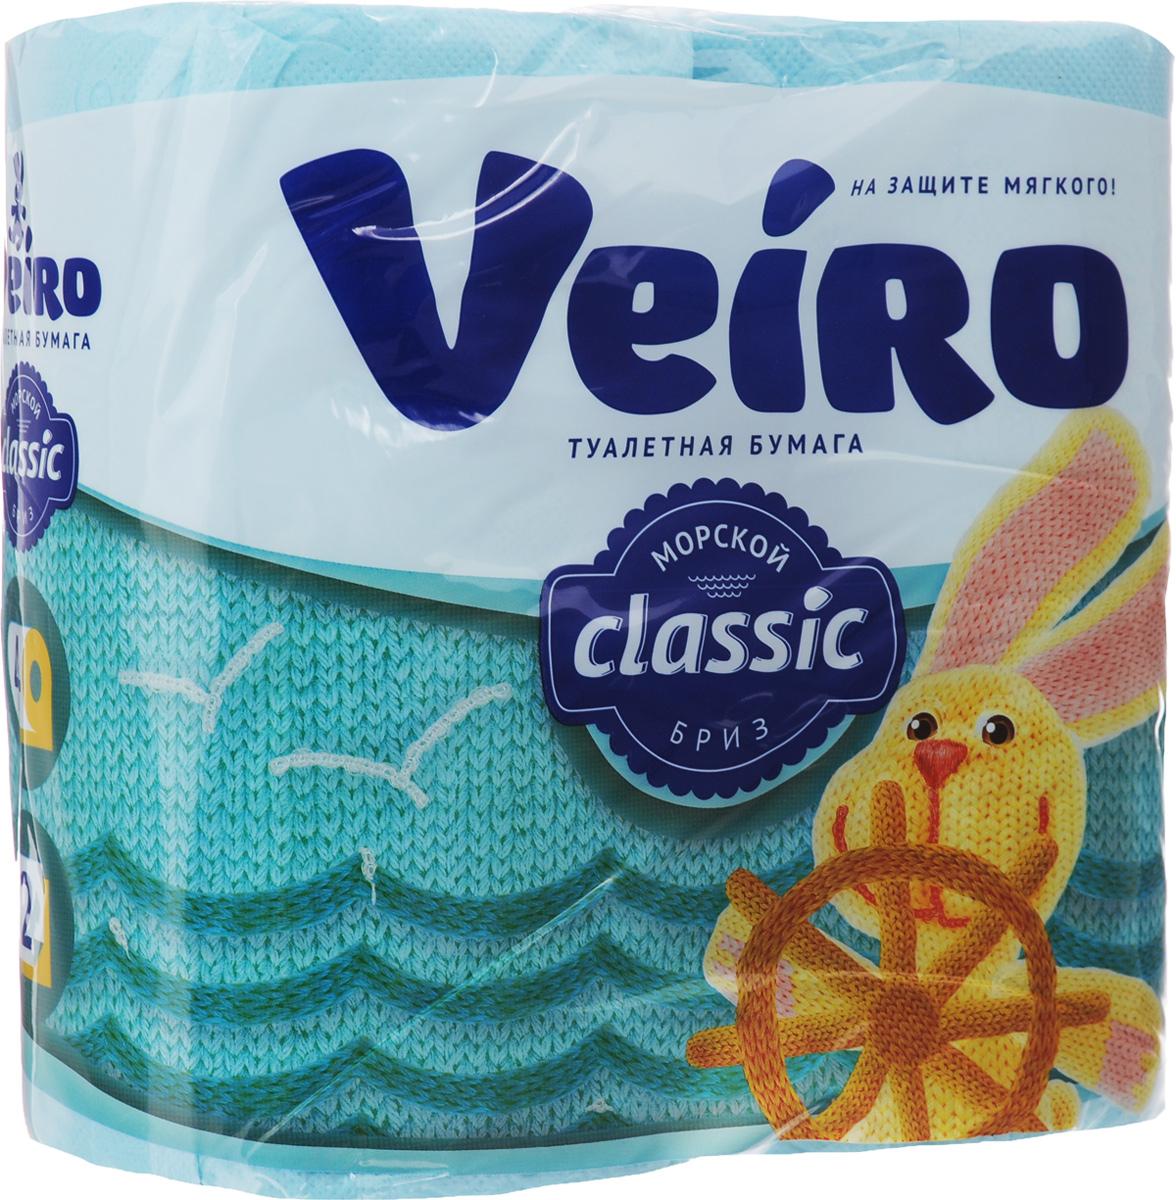 Бумага туалетная Veiro Classic. Морской бриз, ароматизированная, двухслойная, 4 рулона5C24гАроматизированная туалетная бумага Veiro Classic. Морской бриз, выполненная из натуральной целлюлозы и обладает приятным ароматом свежести. Двухслойная туалетная бумага мягкая, нежная, но в тоже время прочная, с отрывом по линии перфорации. Листы имеют рисунок с тиснением.Длина рулона: 17,5 м. Количество слоев: 2.Размер листа: 12,5 х 9,5 см. Состав: 100% целлюлоза.